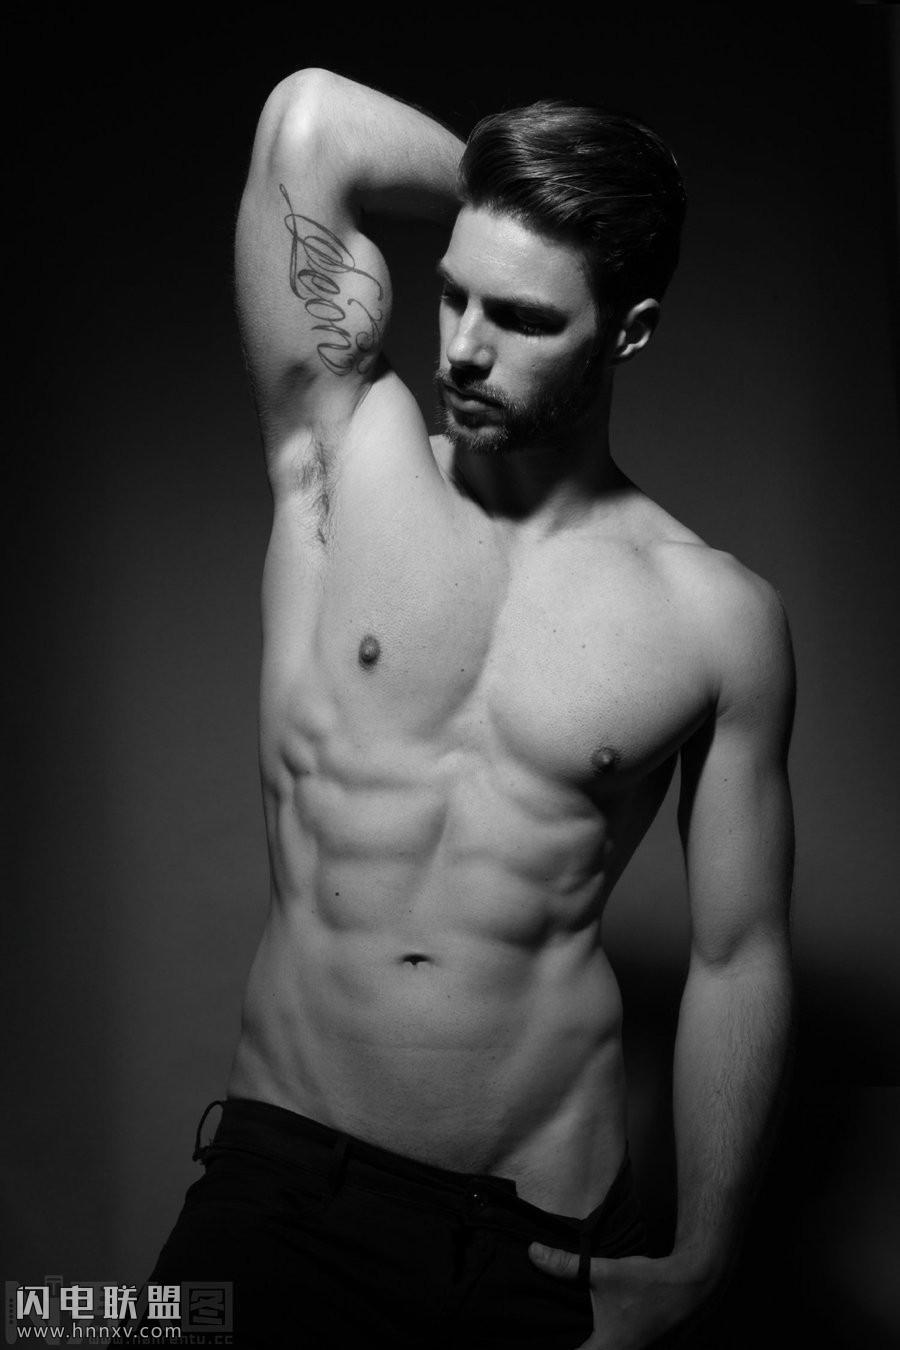 肌肉男勃起的丁丁图片